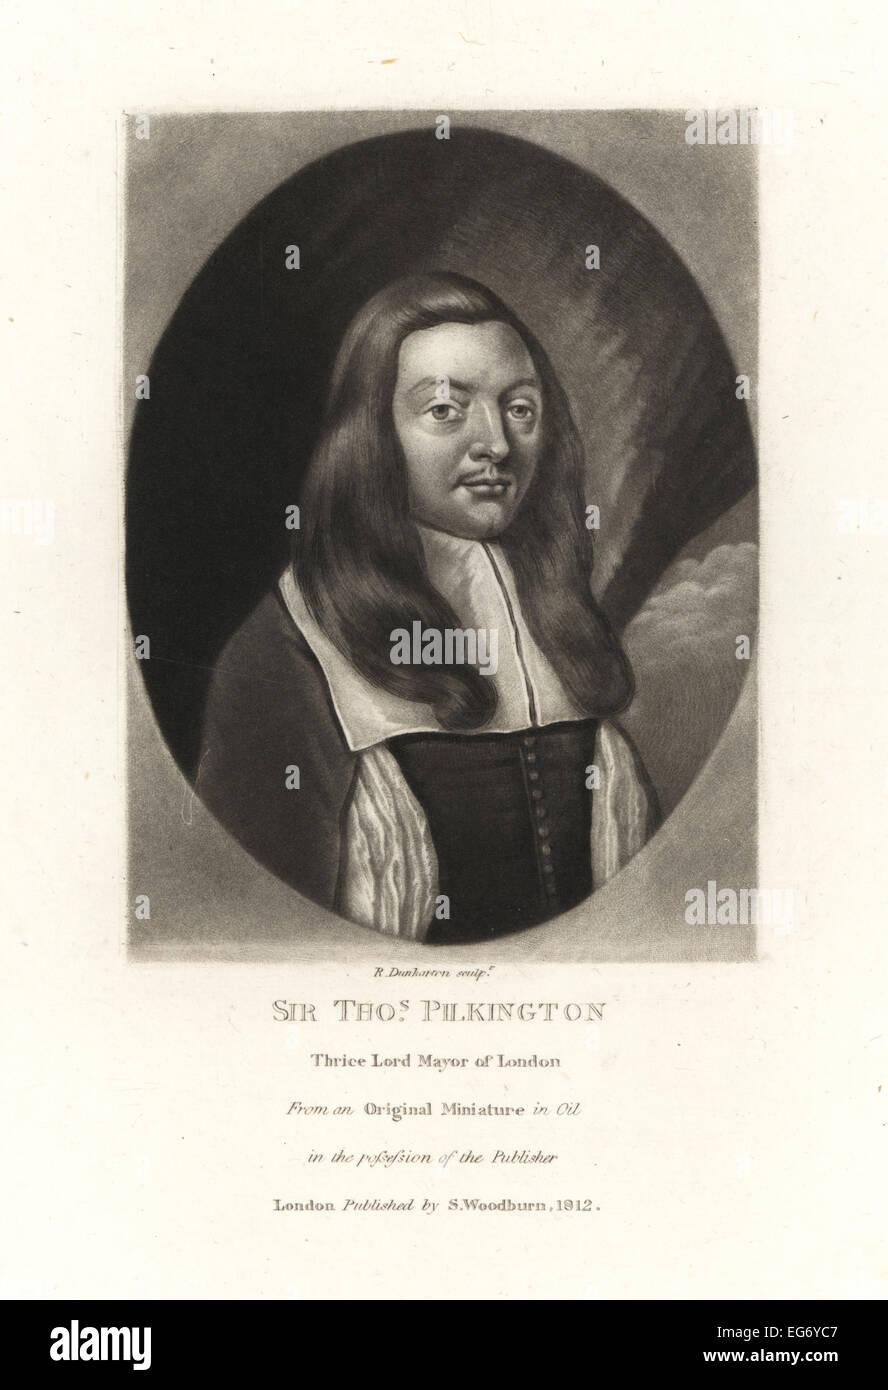 Sir Thomas Pilkington, Lord Mayor of London, died 1691. - Stock Image